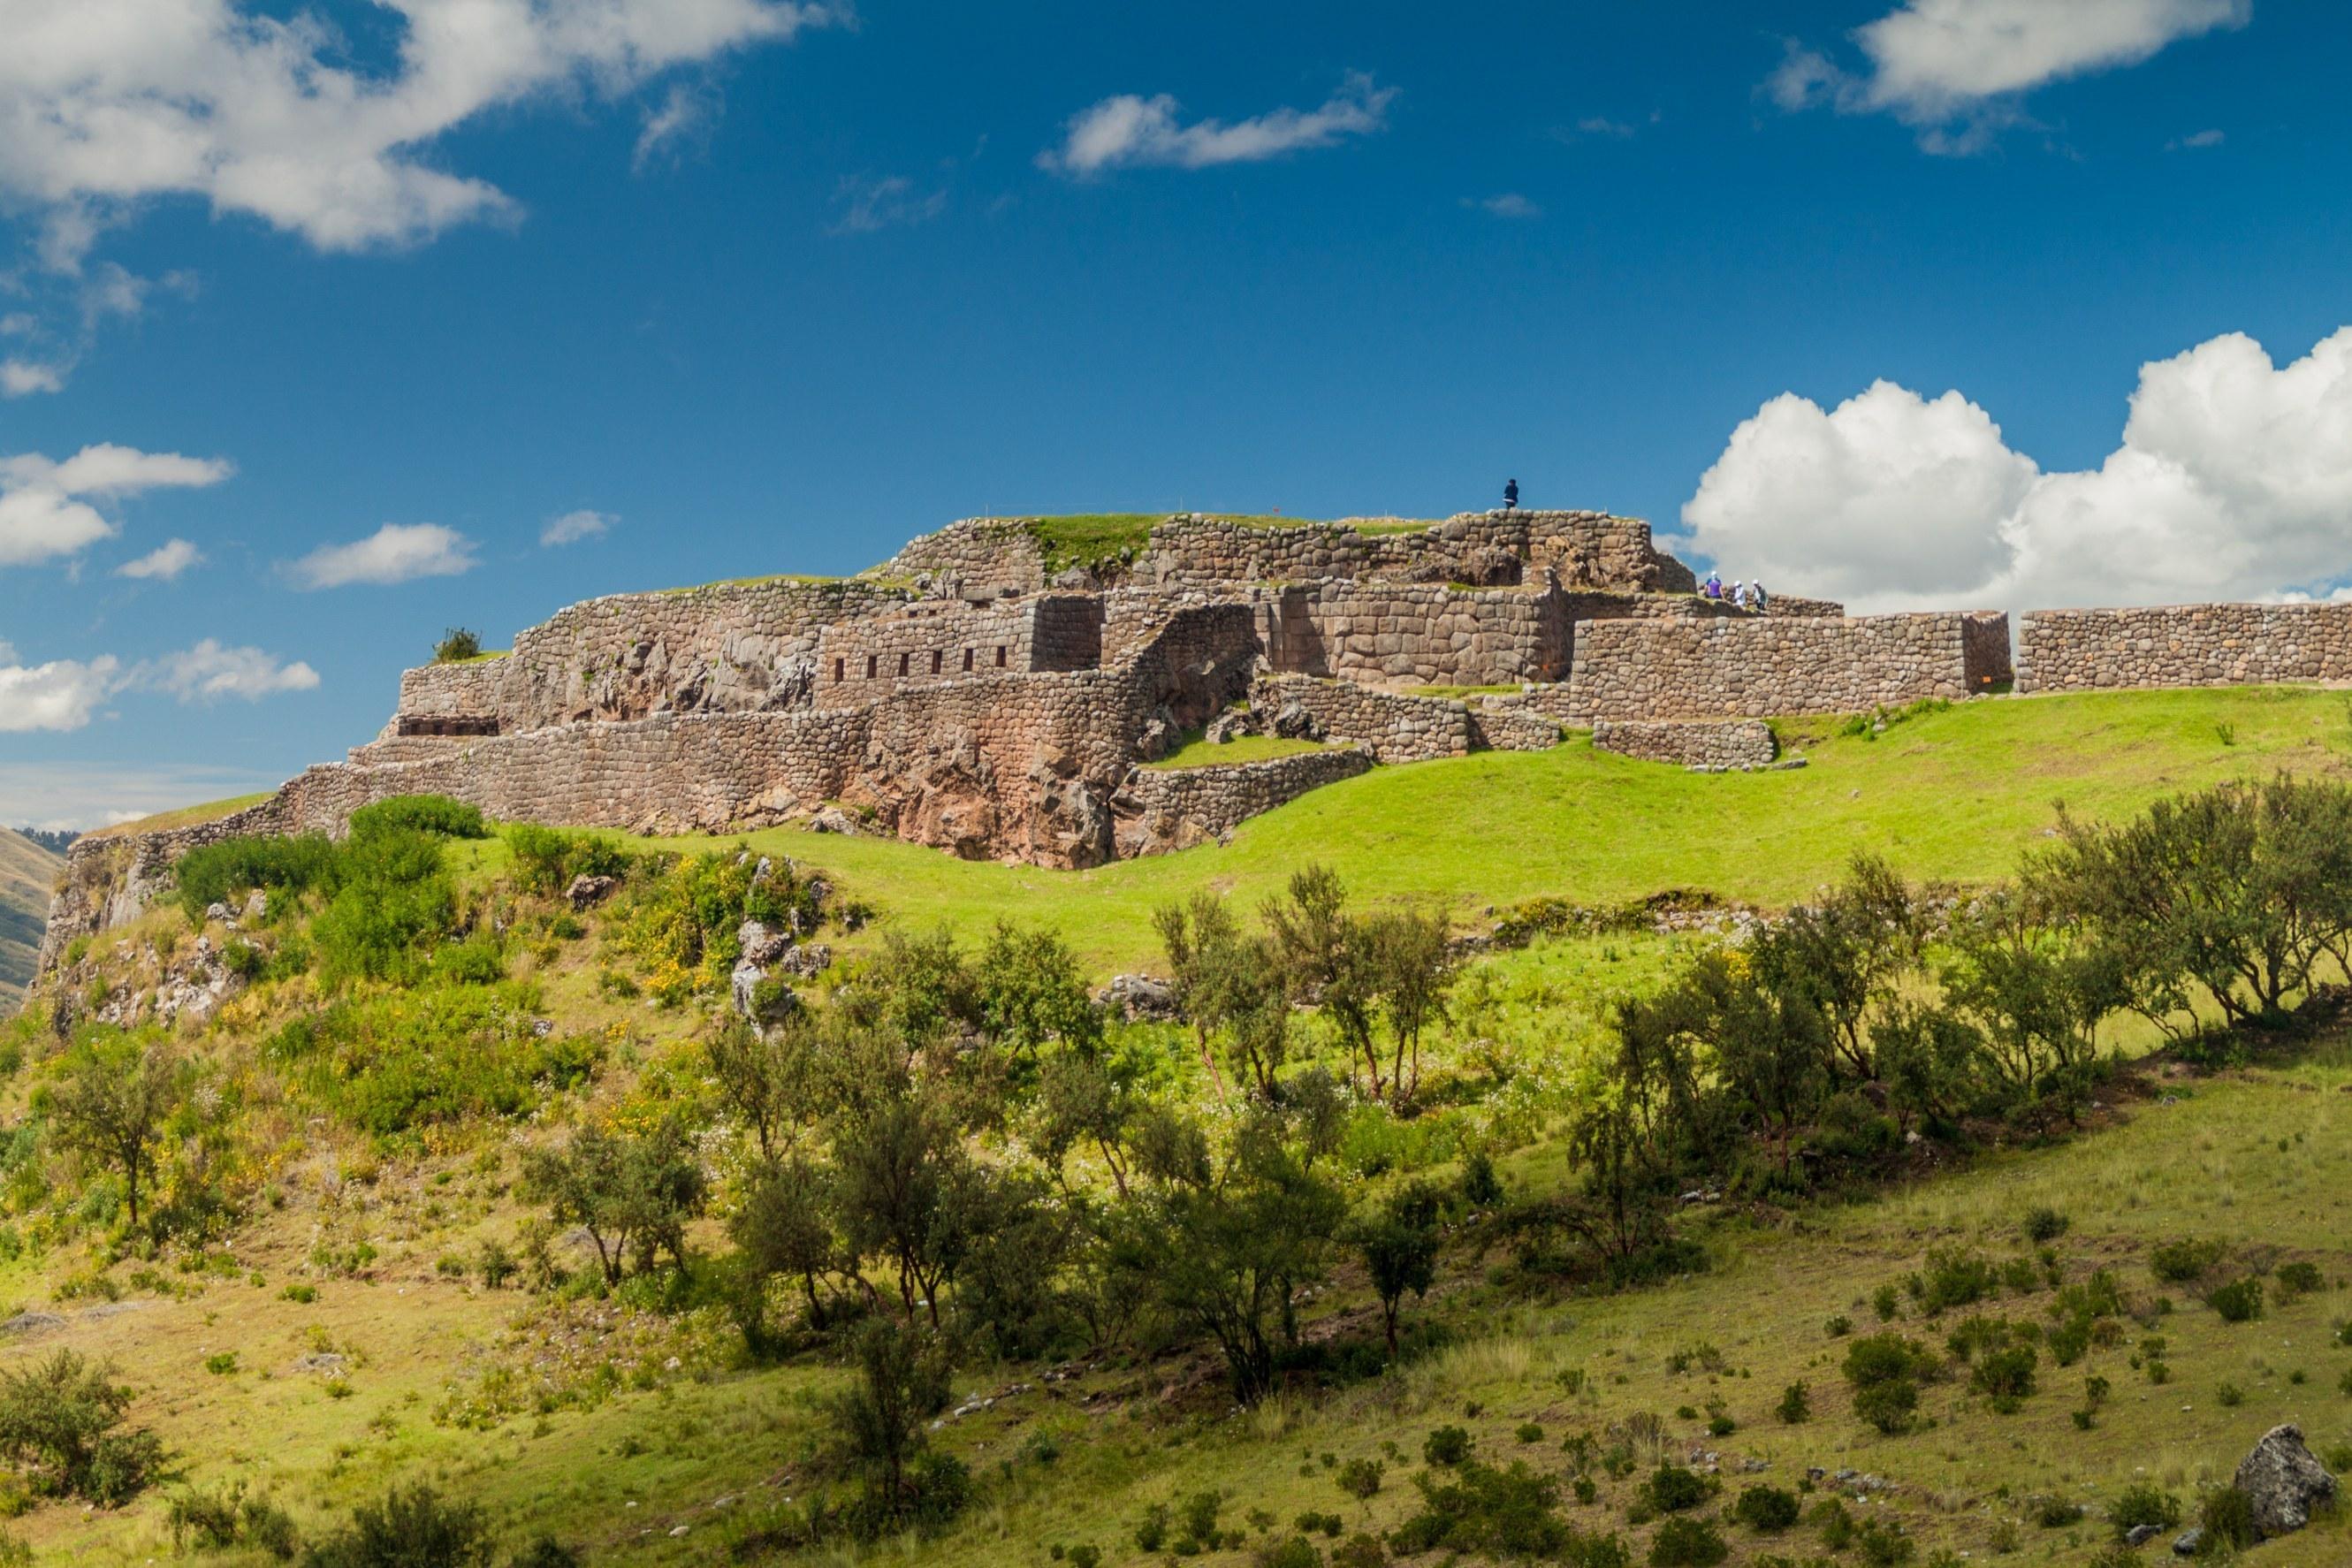 Explora las ruinas de los alrededores de Cusco - Perú Gran Viaje Lima, Cuzco, Machu Picchu y Puno